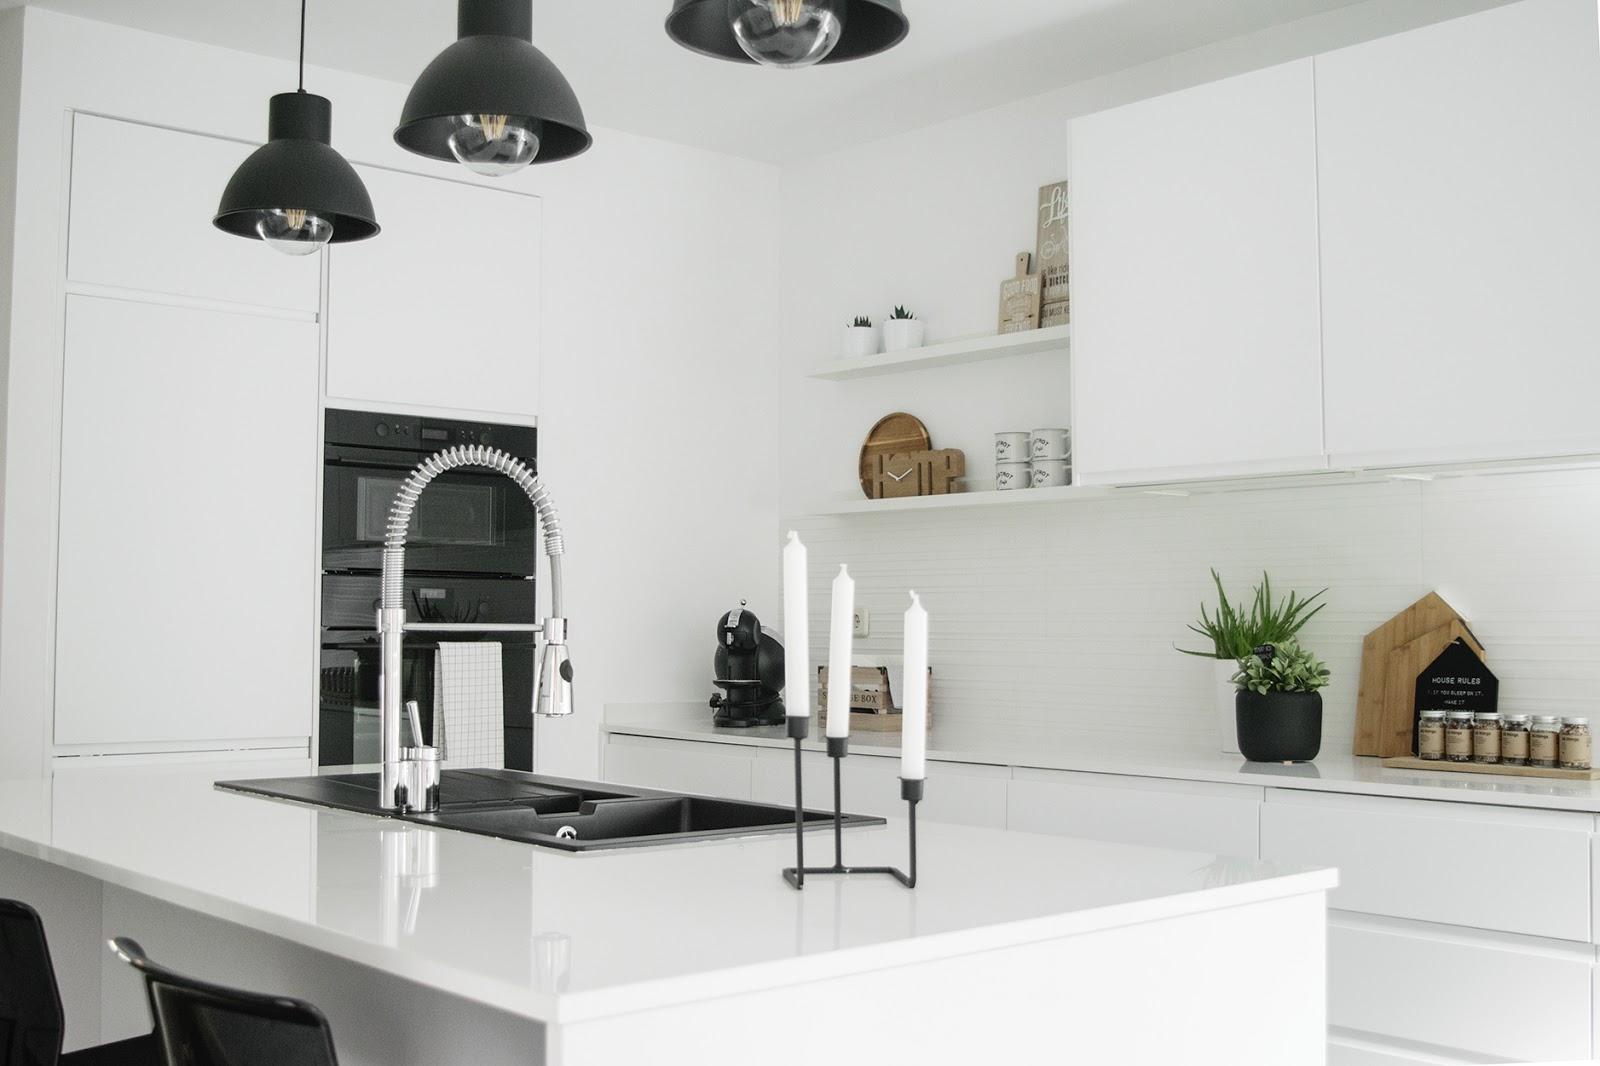 Cocina de Ikea de estilo nórdico